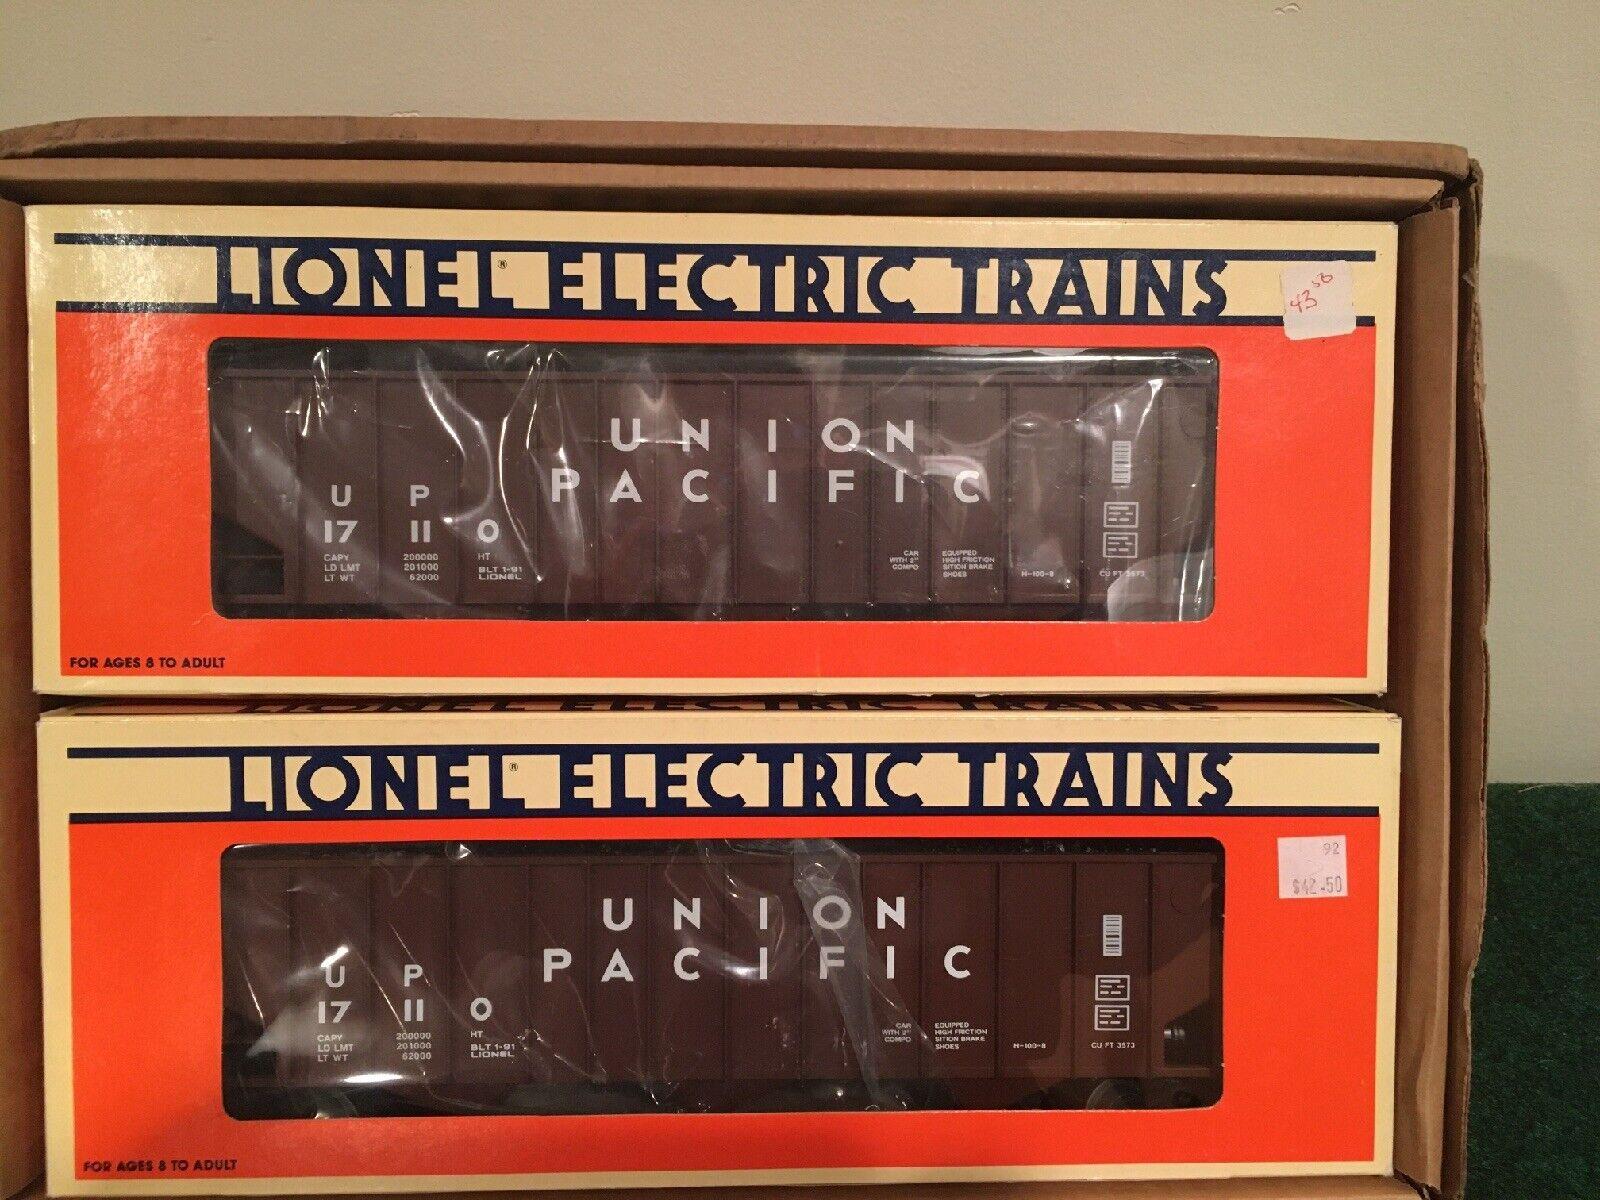 Negozio 2020 Lionel 617110 Union Pacific Threebay hoppers